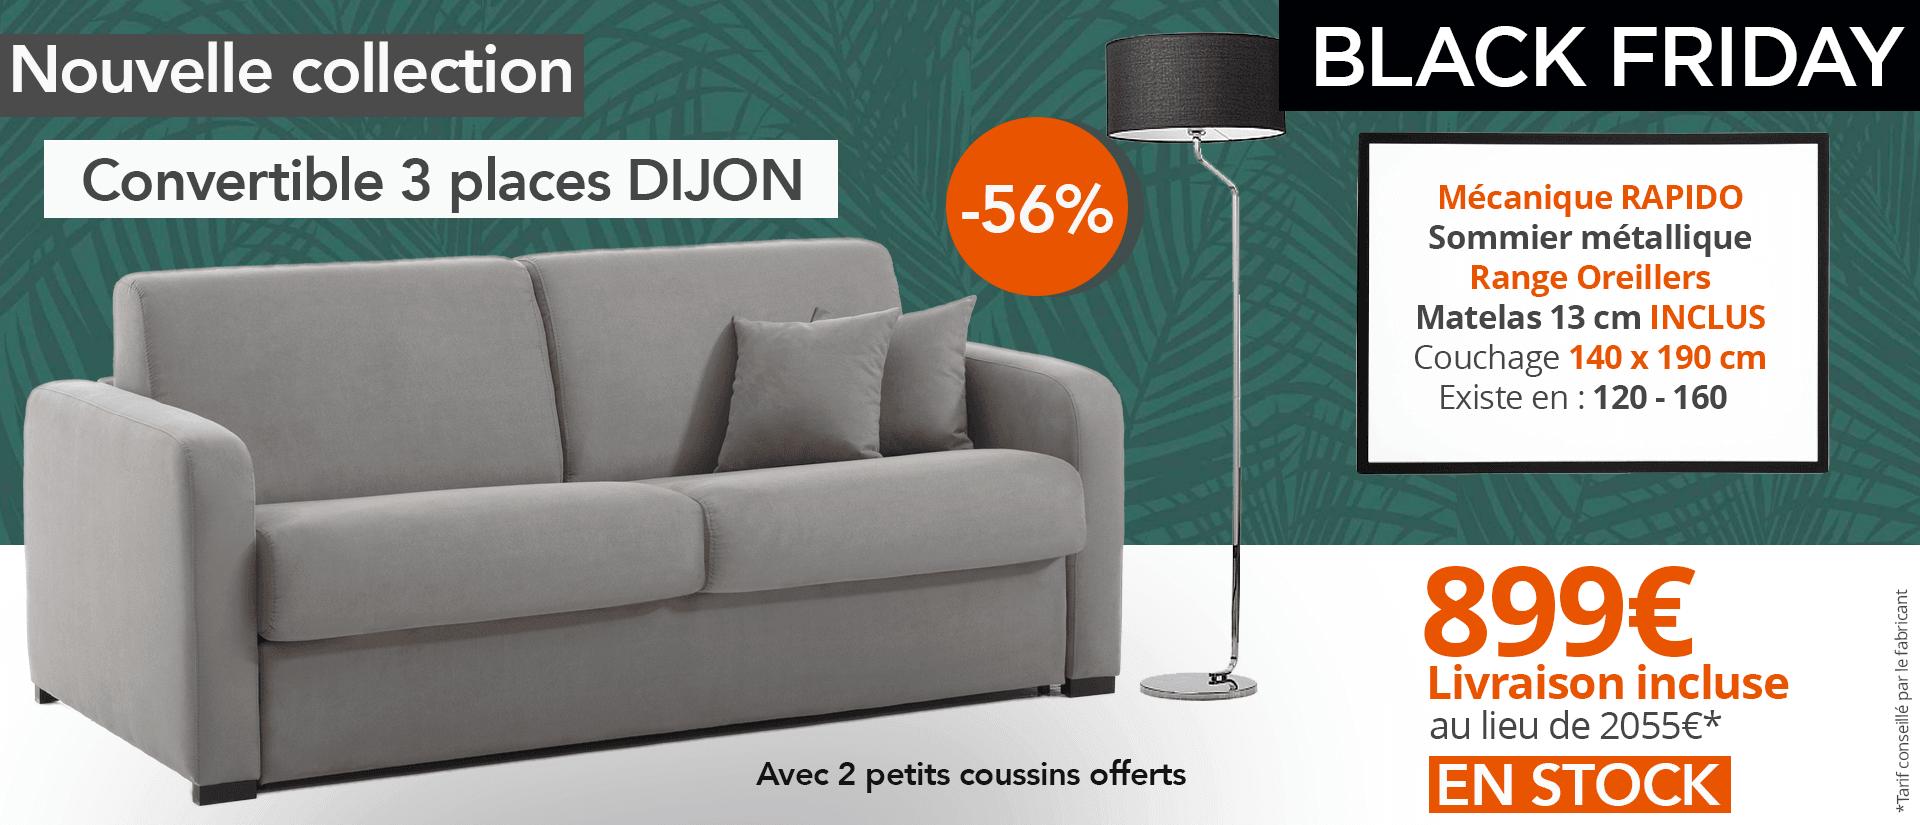 Canapé pas cher 3 places DIJON